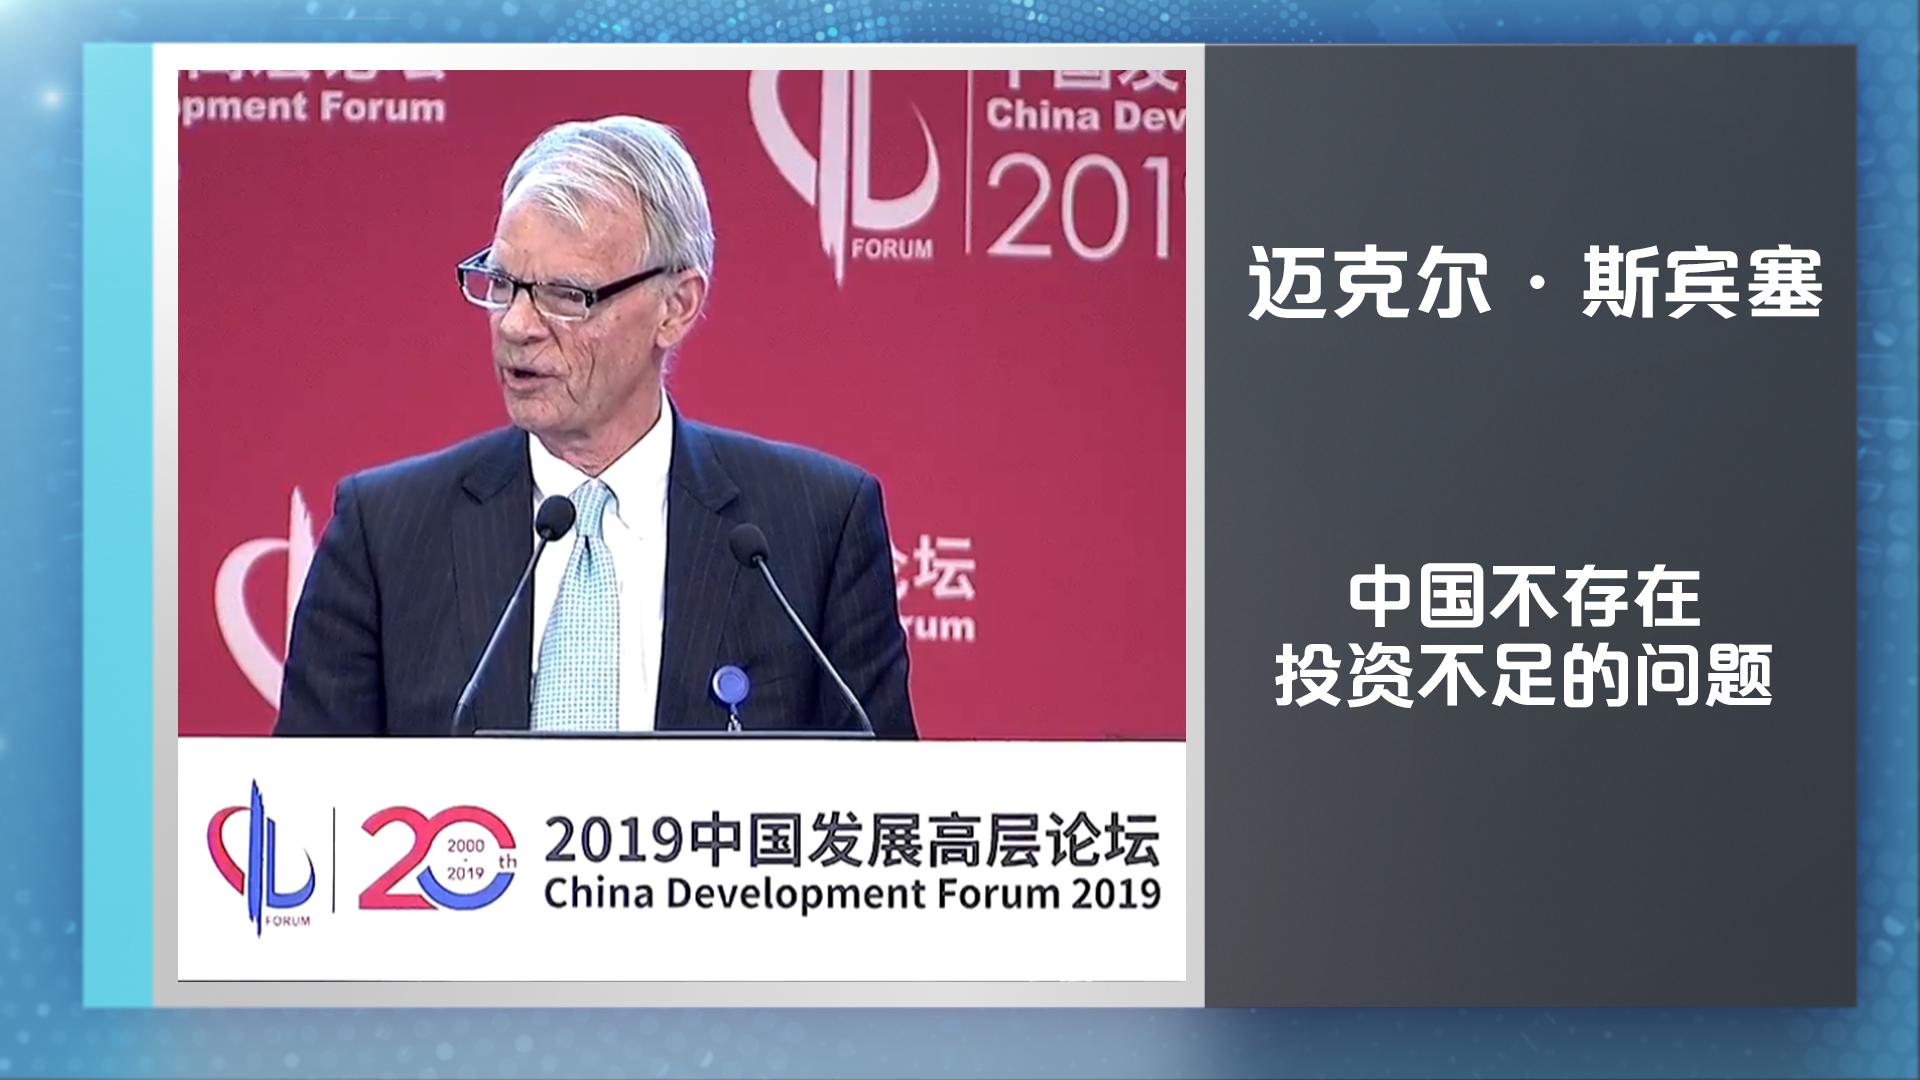 诺奖经济学家:中国不存在投资不足的问题